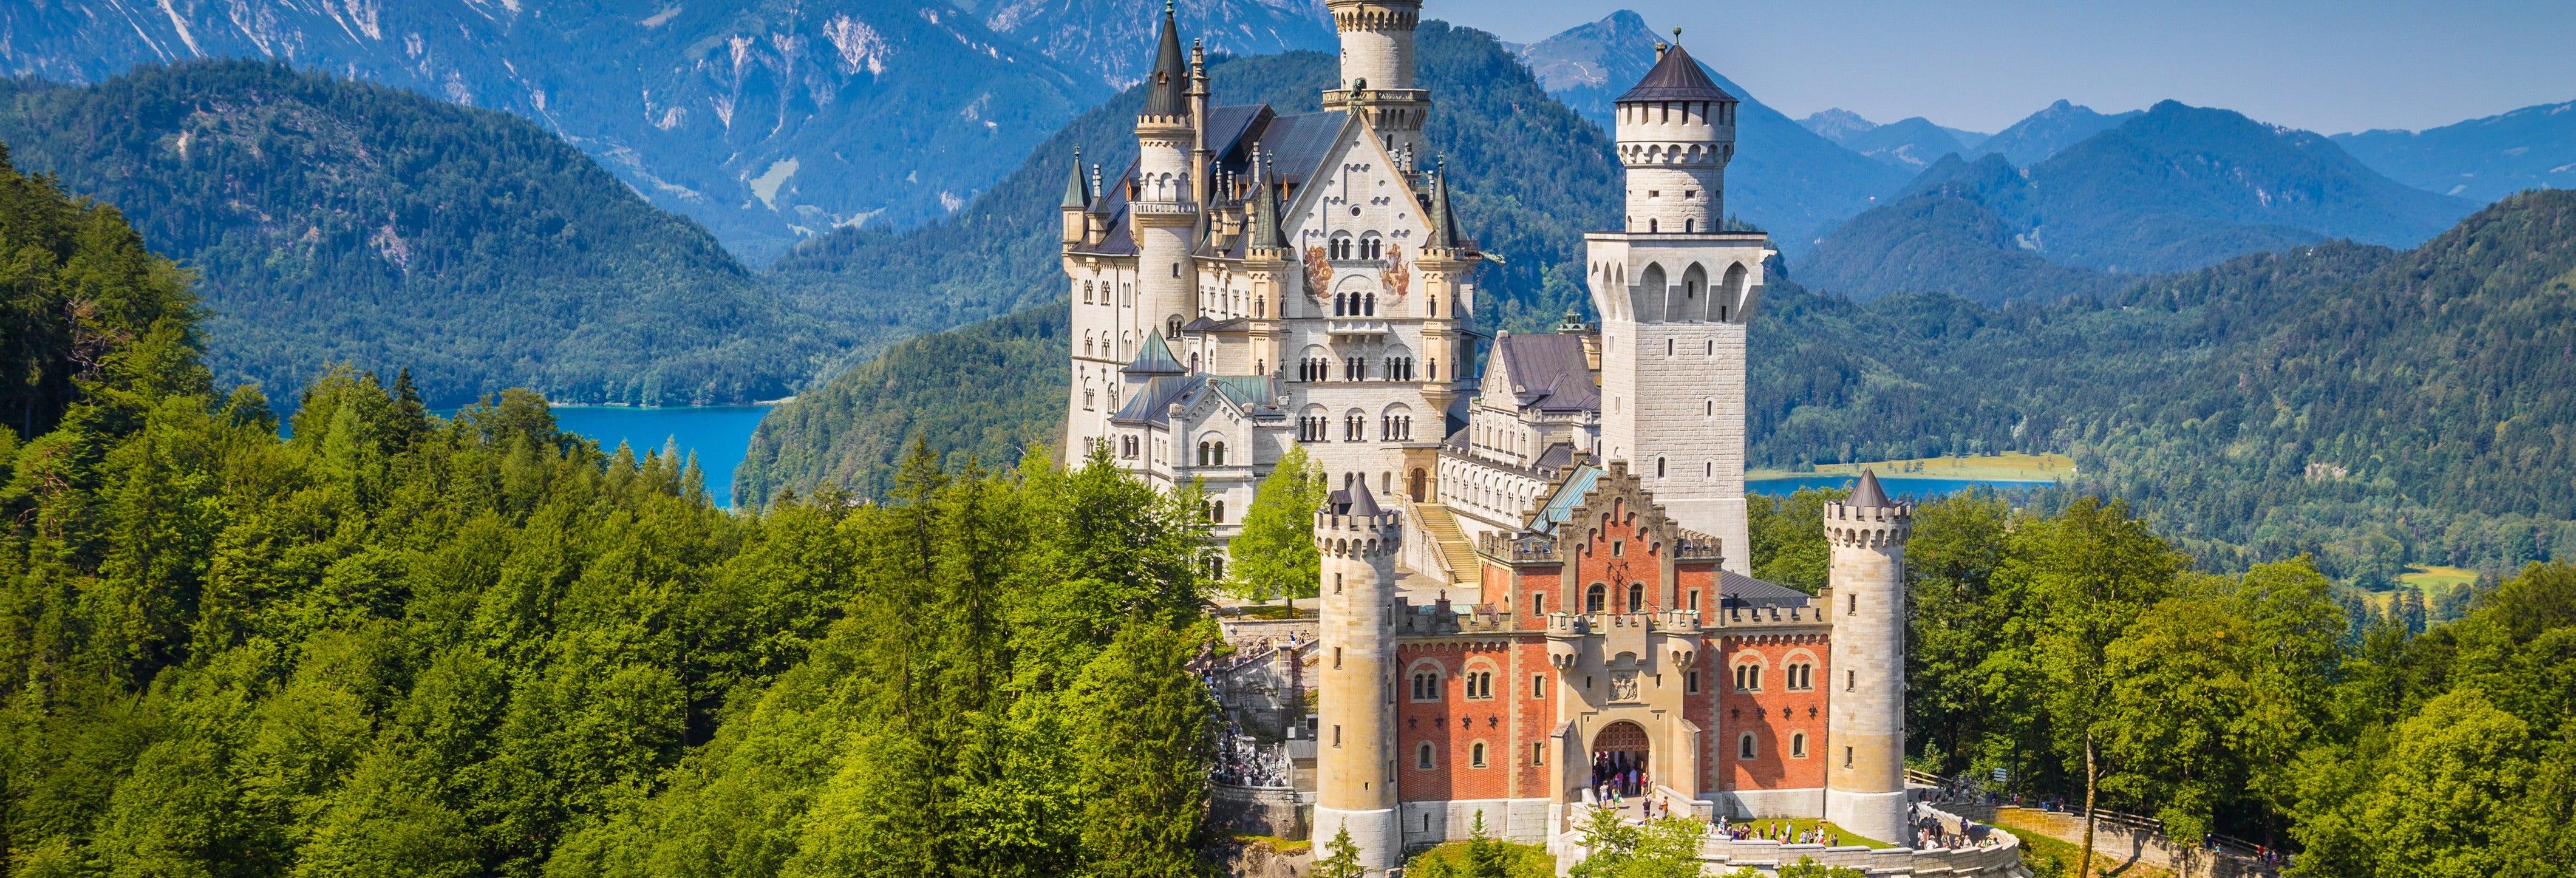 Excursion au château de Neuschwanstein